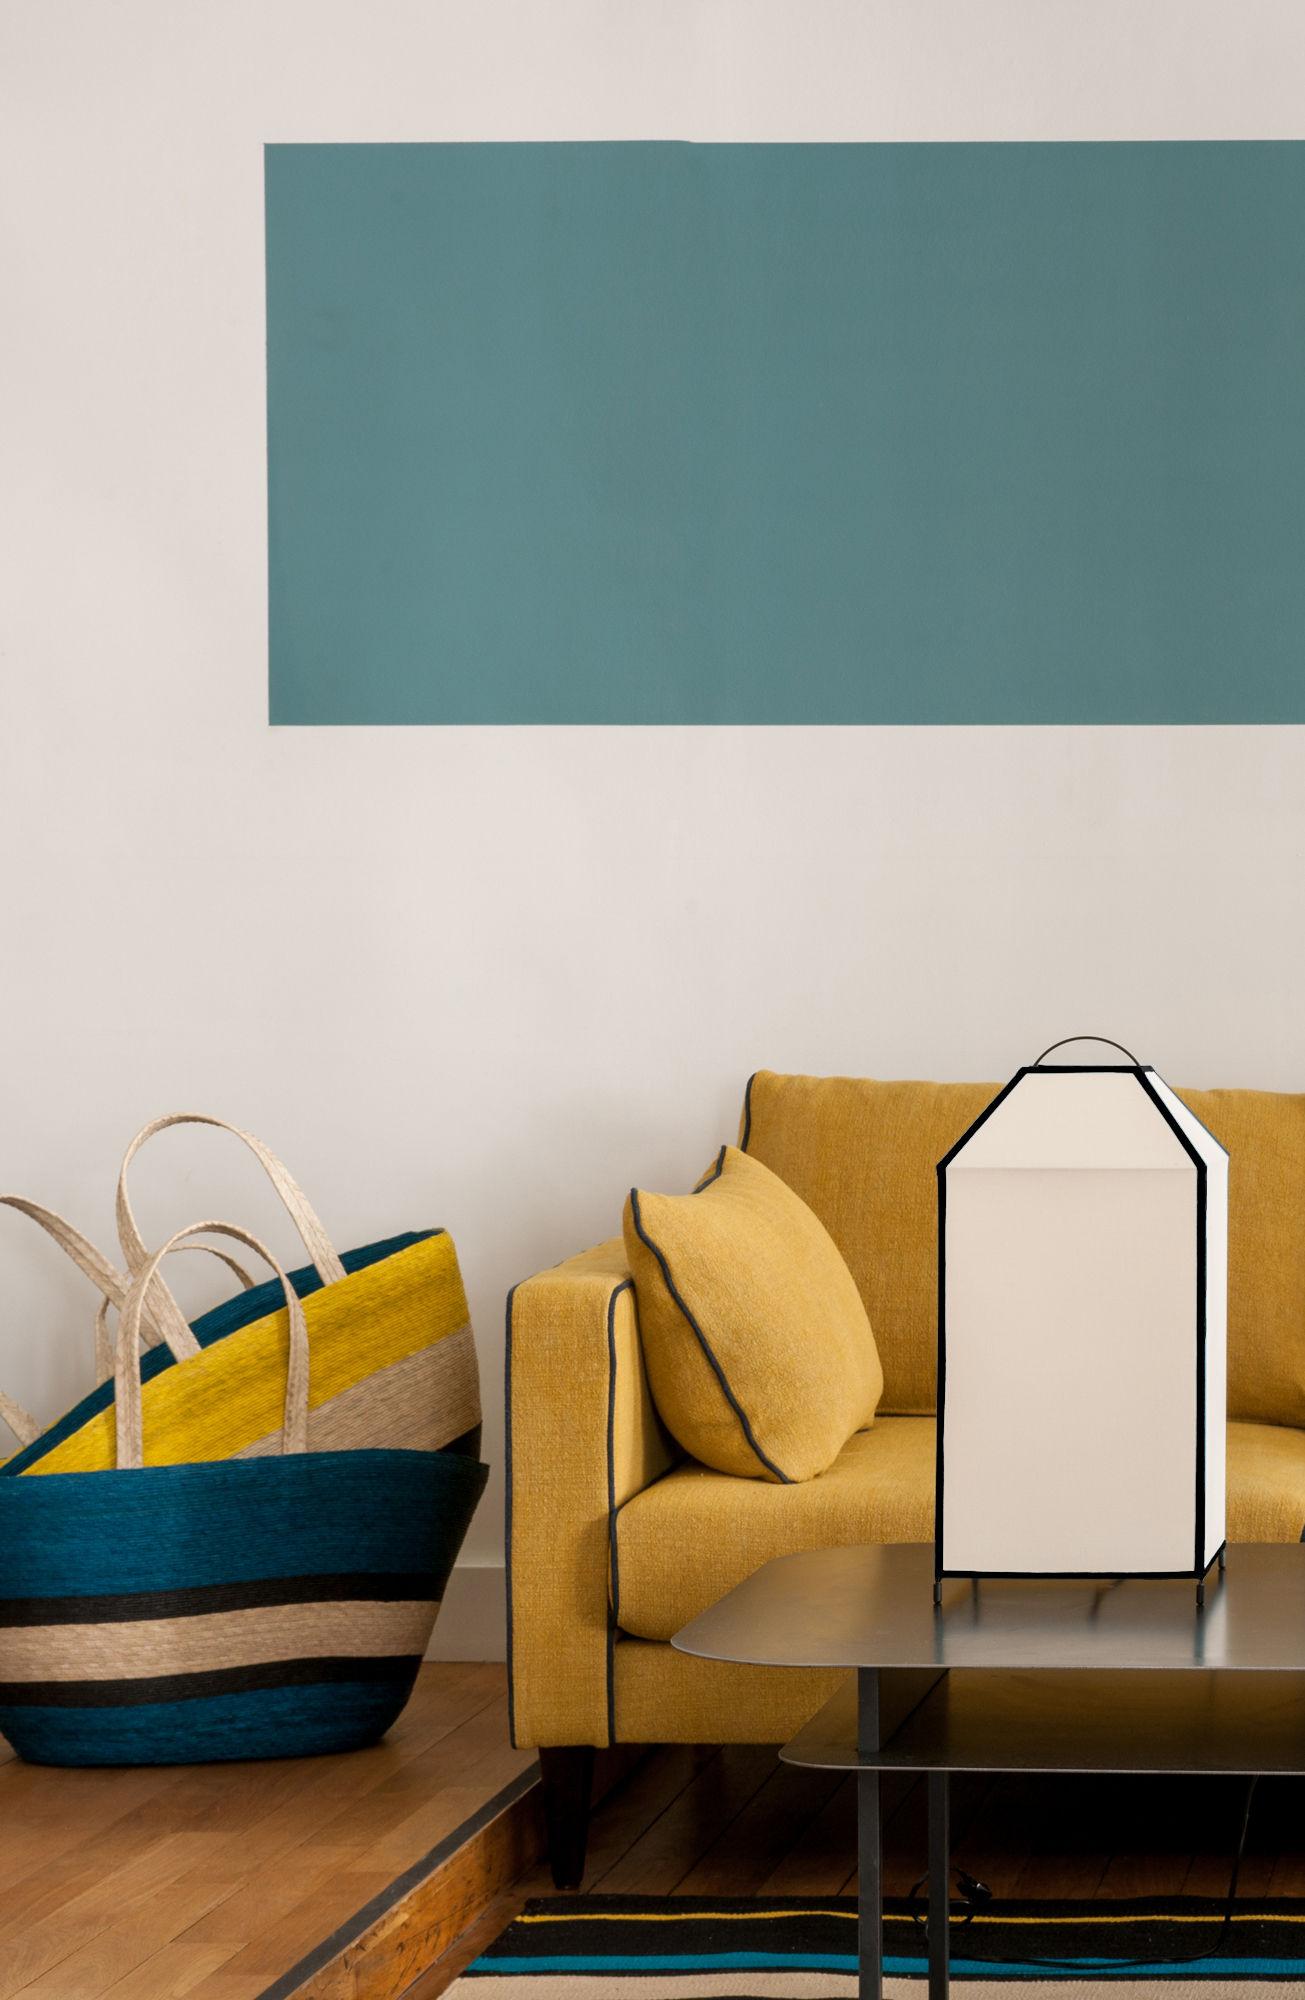 lampe de table charlie h 45 cm bleu vintage maison sarah lavoine. Black Bedroom Furniture Sets. Home Design Ideas